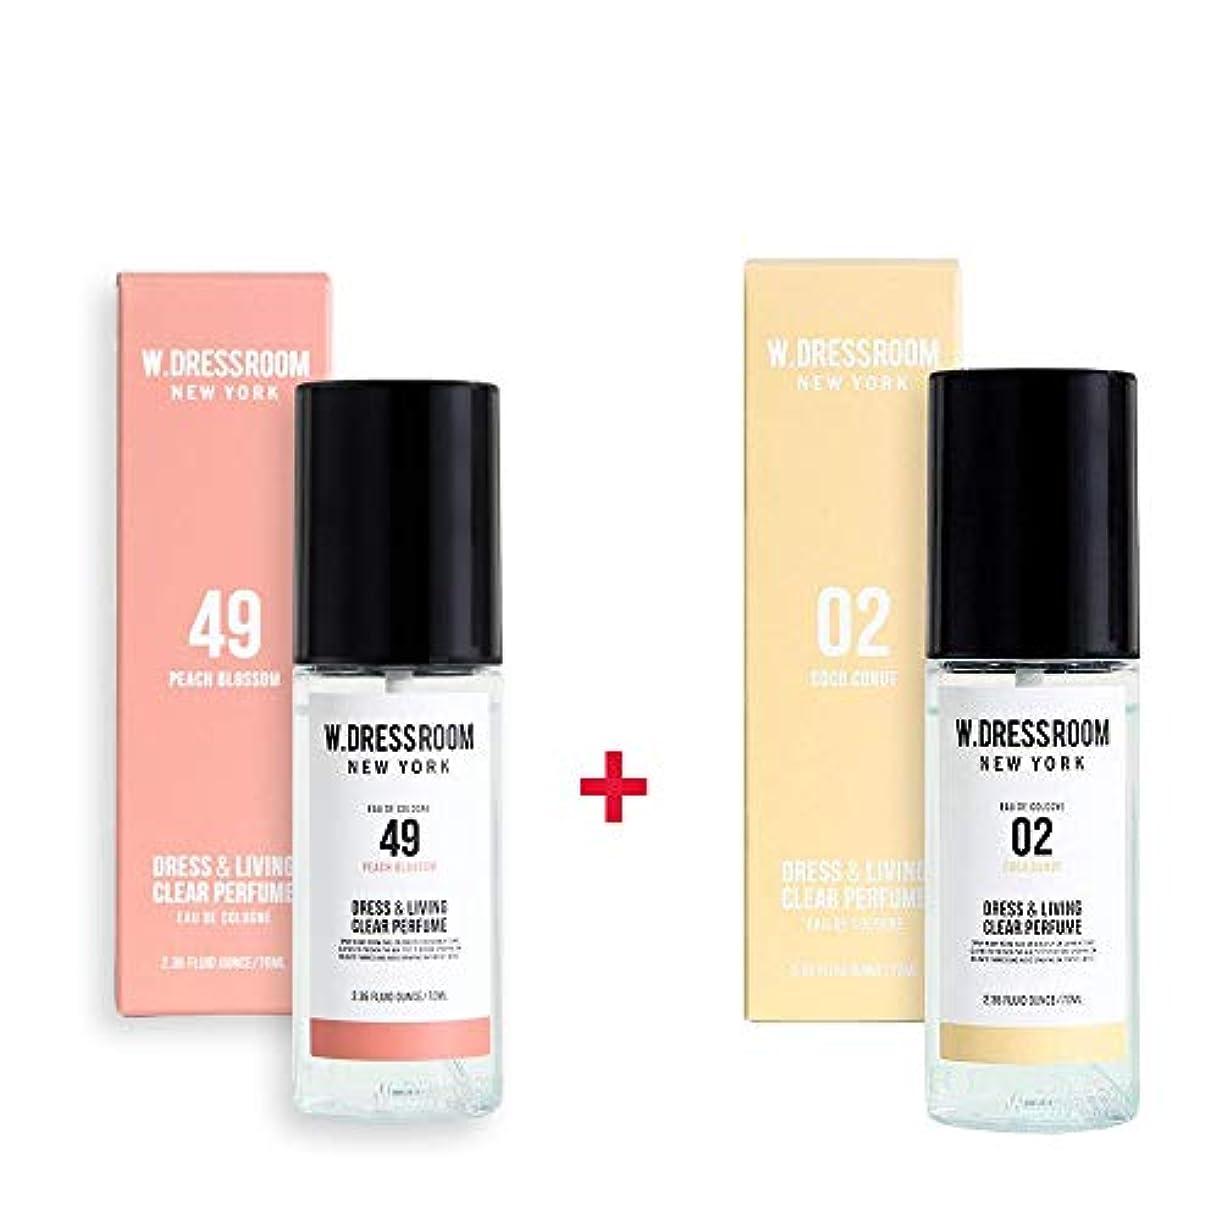 バックまで工業化するW.DRESSROOM Dress & Living Clear Perfume 70ml (No 49 Peach Blossom)+(No .02 Coco Conut)